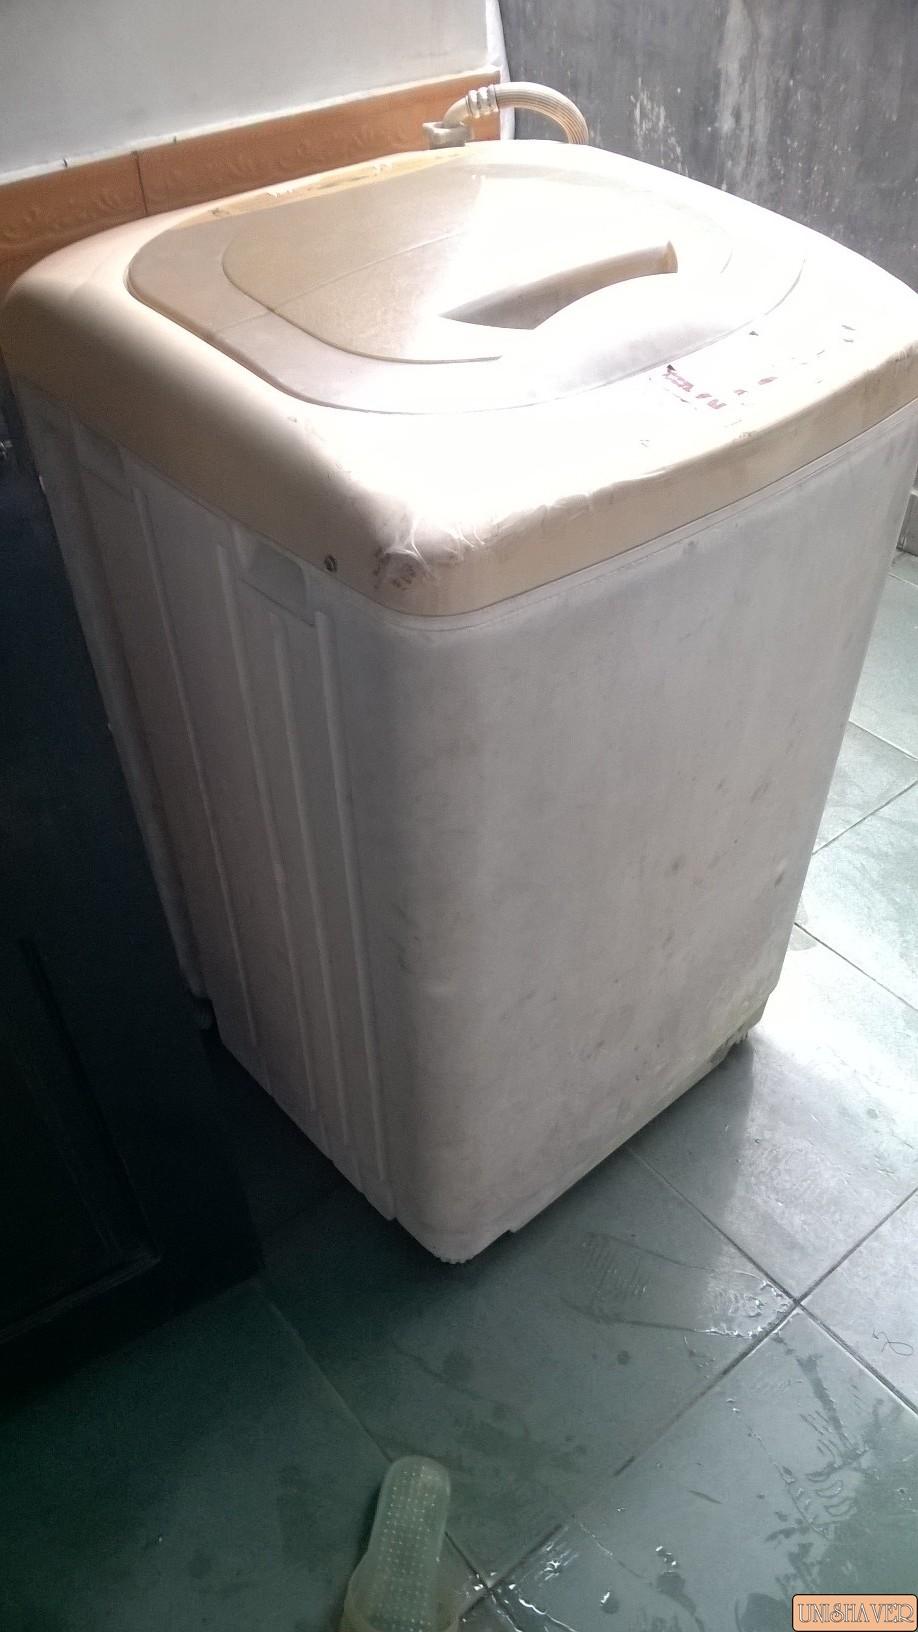 Bán máy giặt cũ hiệu Inter Milan 8kg cho anh em dùng tạm